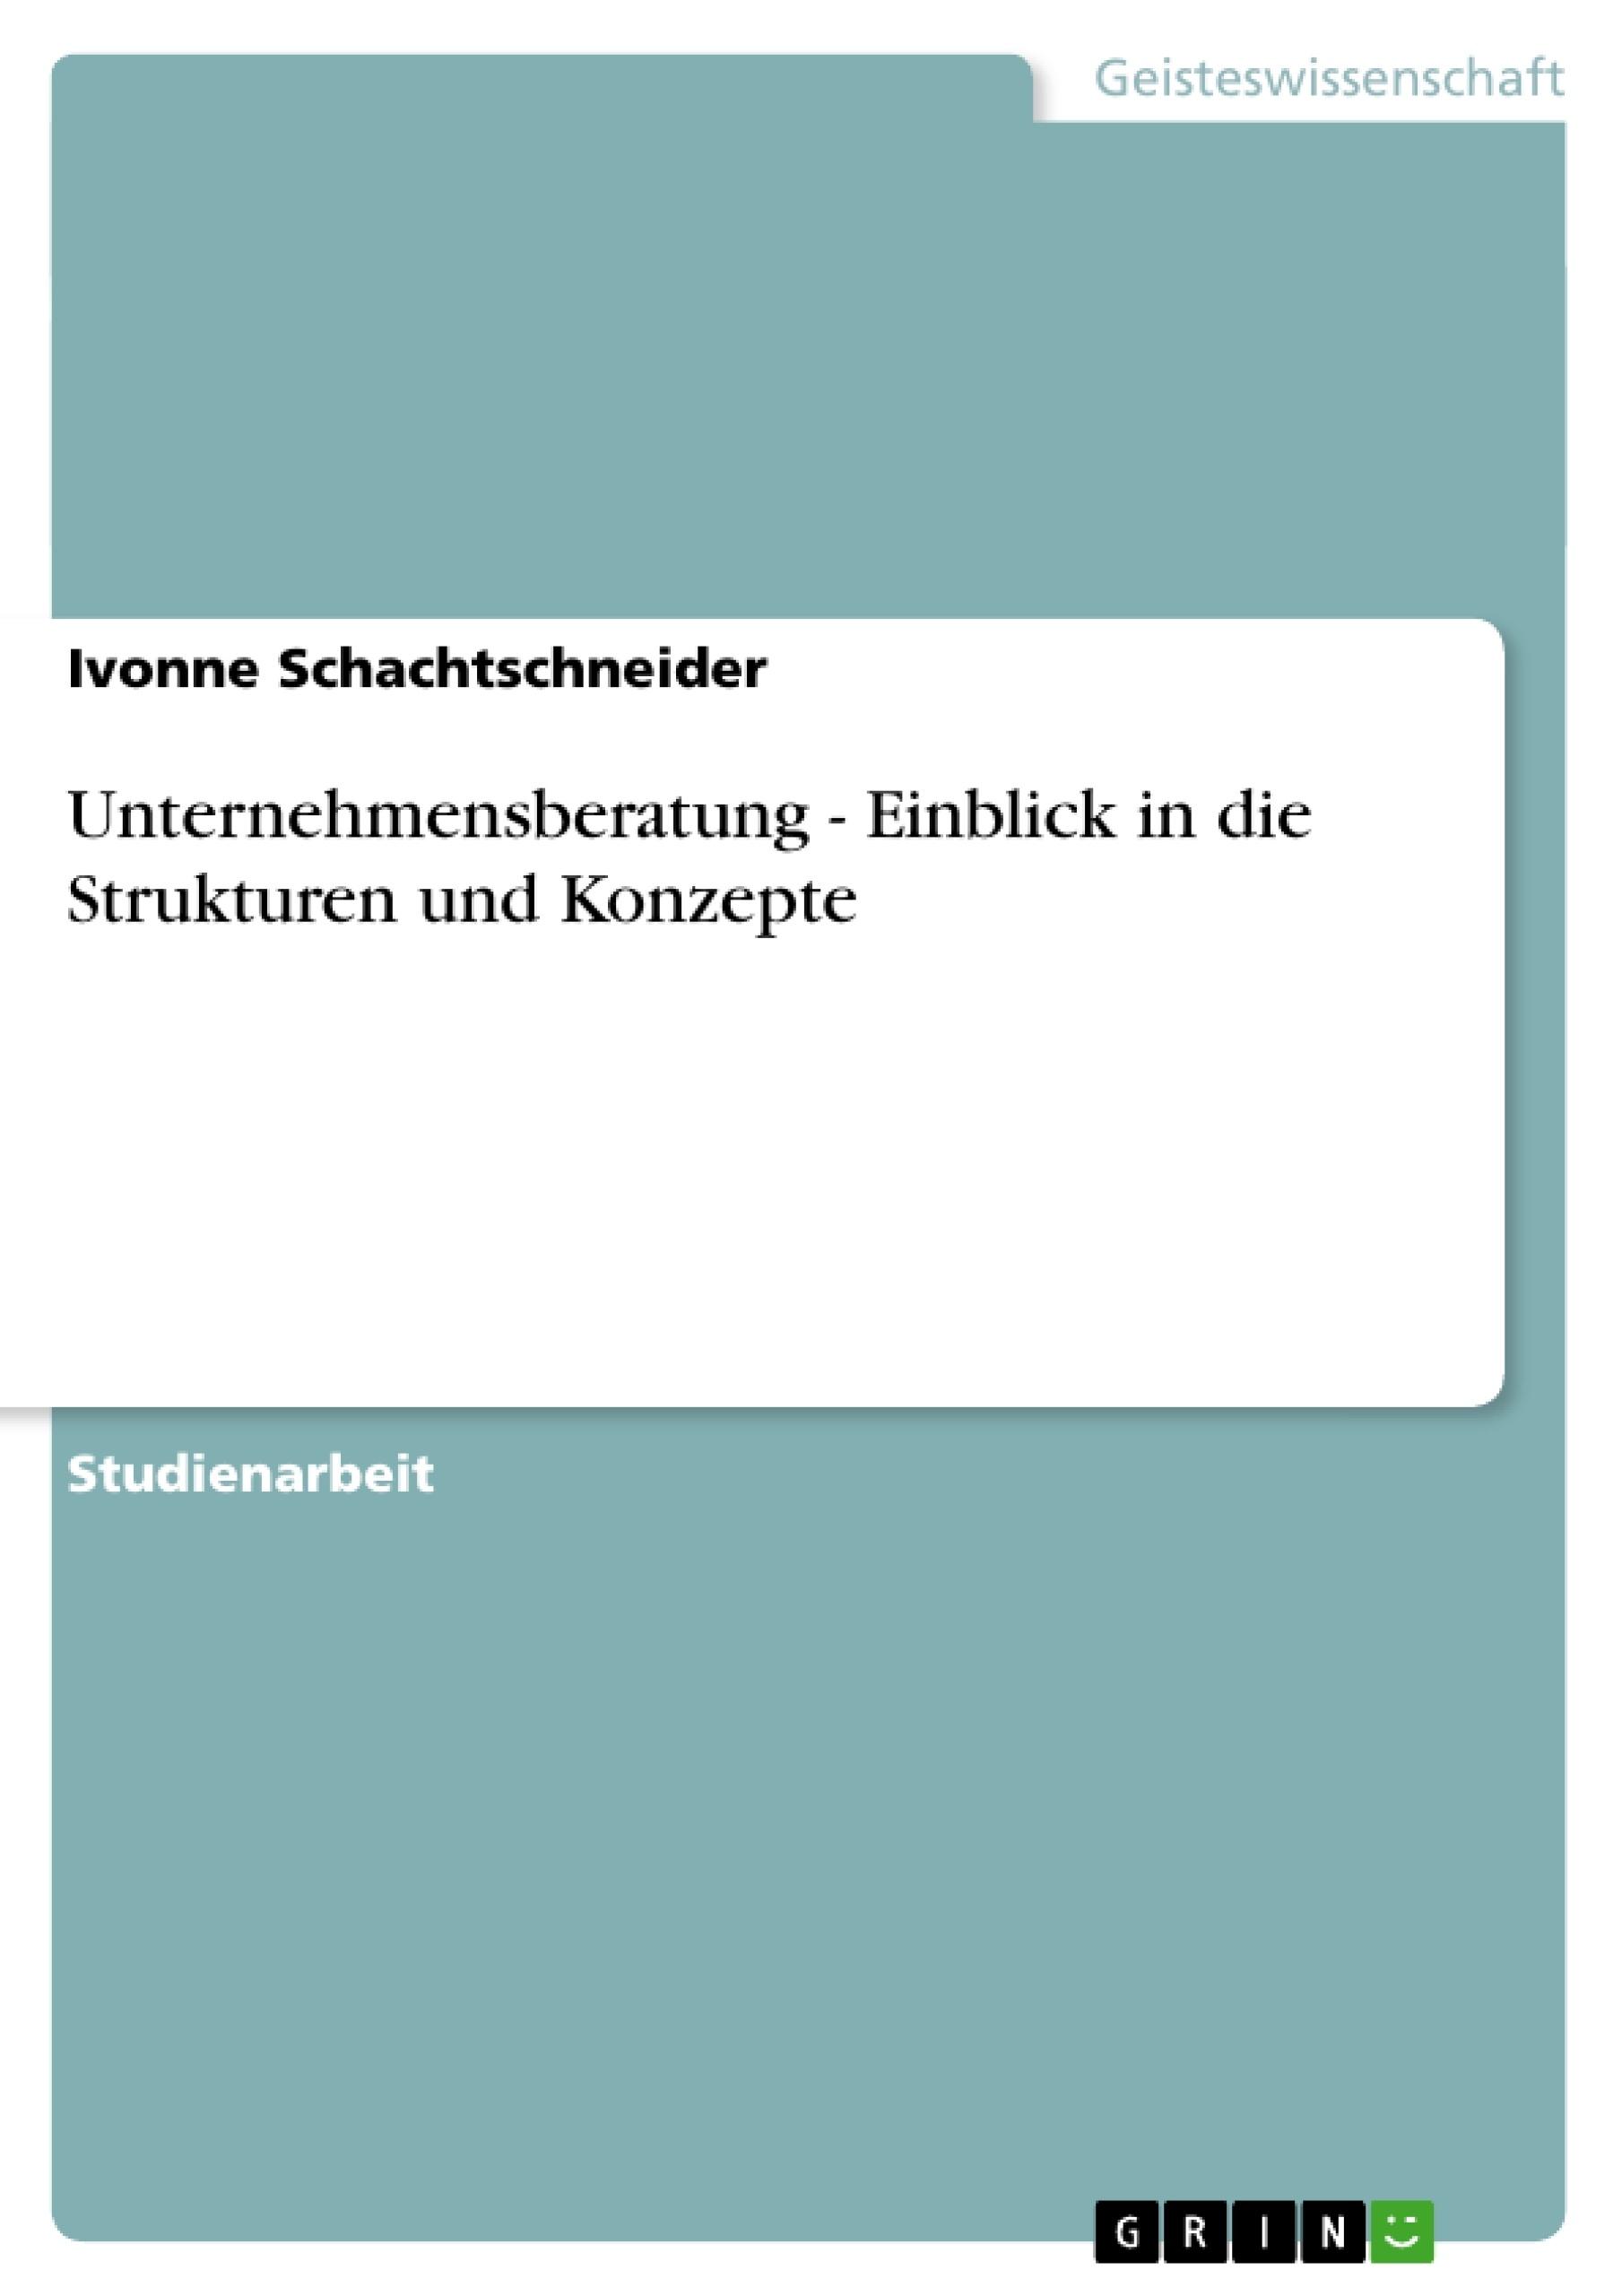 Titel: Unternehmensberatung - Einblick in die Strukturen und Konzepte